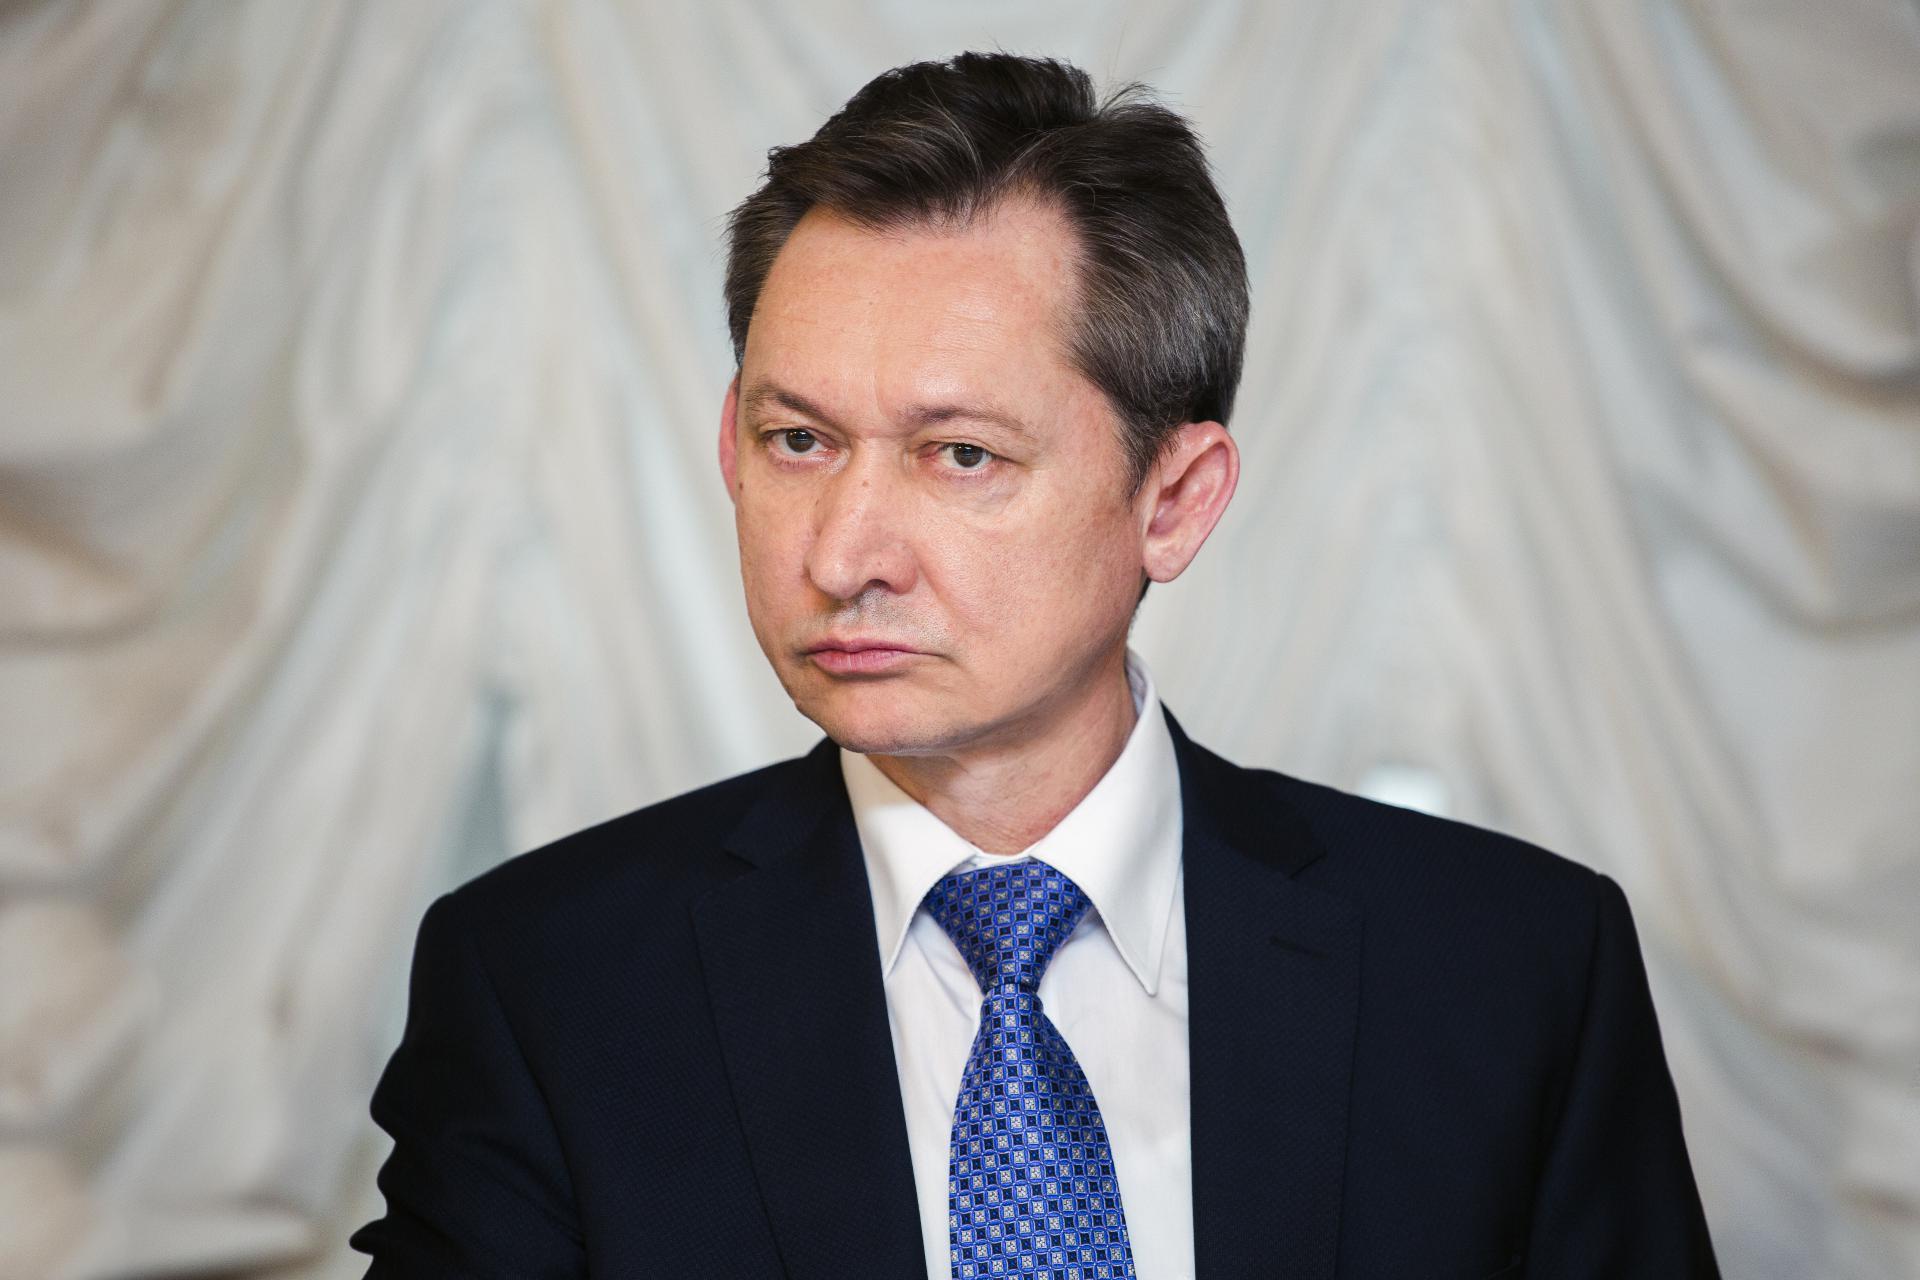 Руководитель Сургута принял решение уйти преждевременно